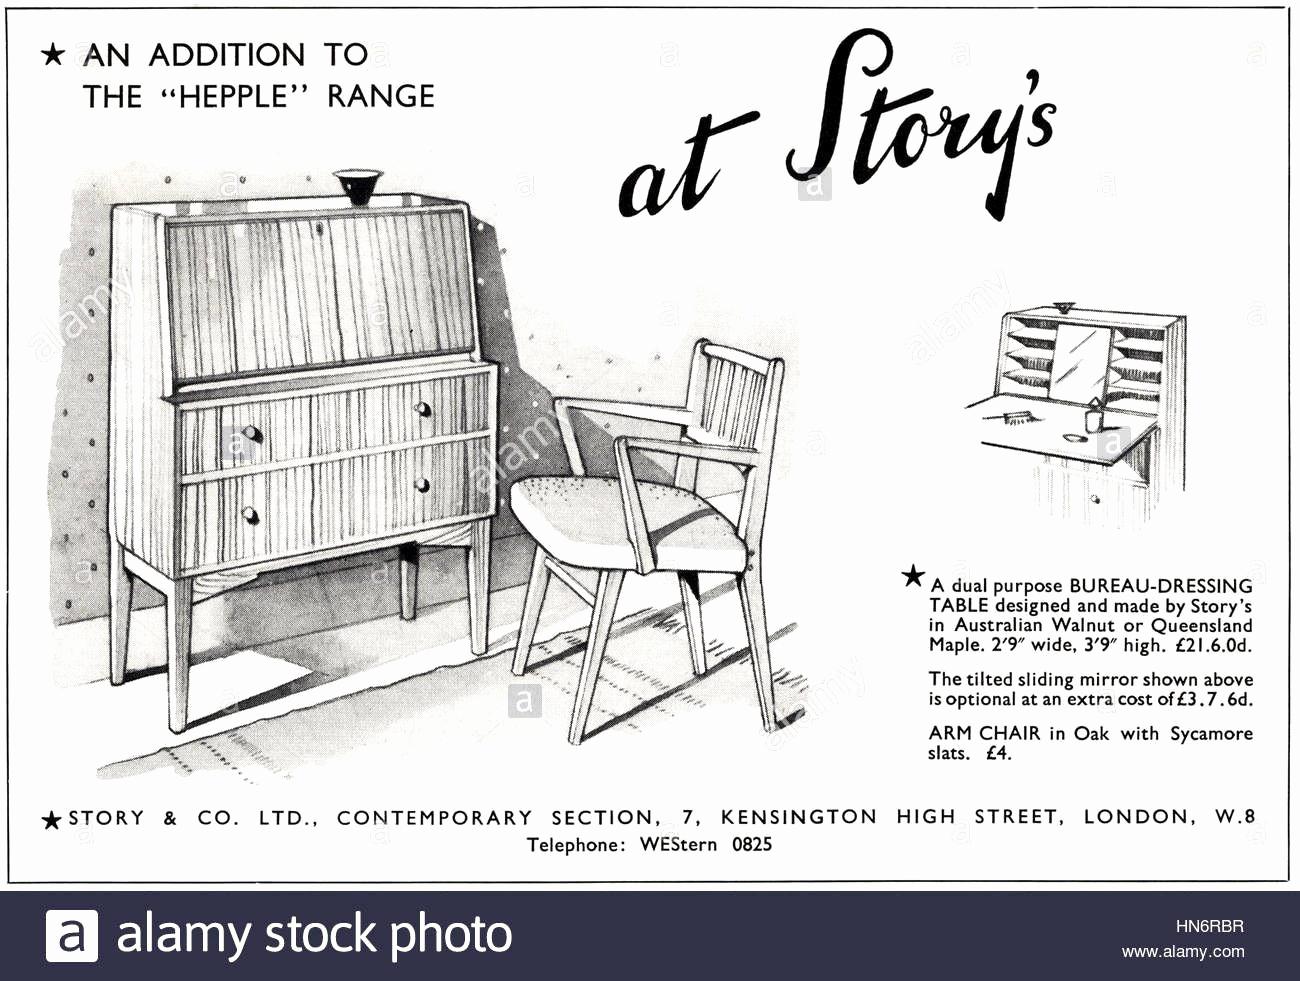 salon de jardin leclerc catalogue 2017 frais bureau leclerc meuble salon de jardin pas cher leclerc luxury meuble of salon de jardin leclerc catalogue 2017